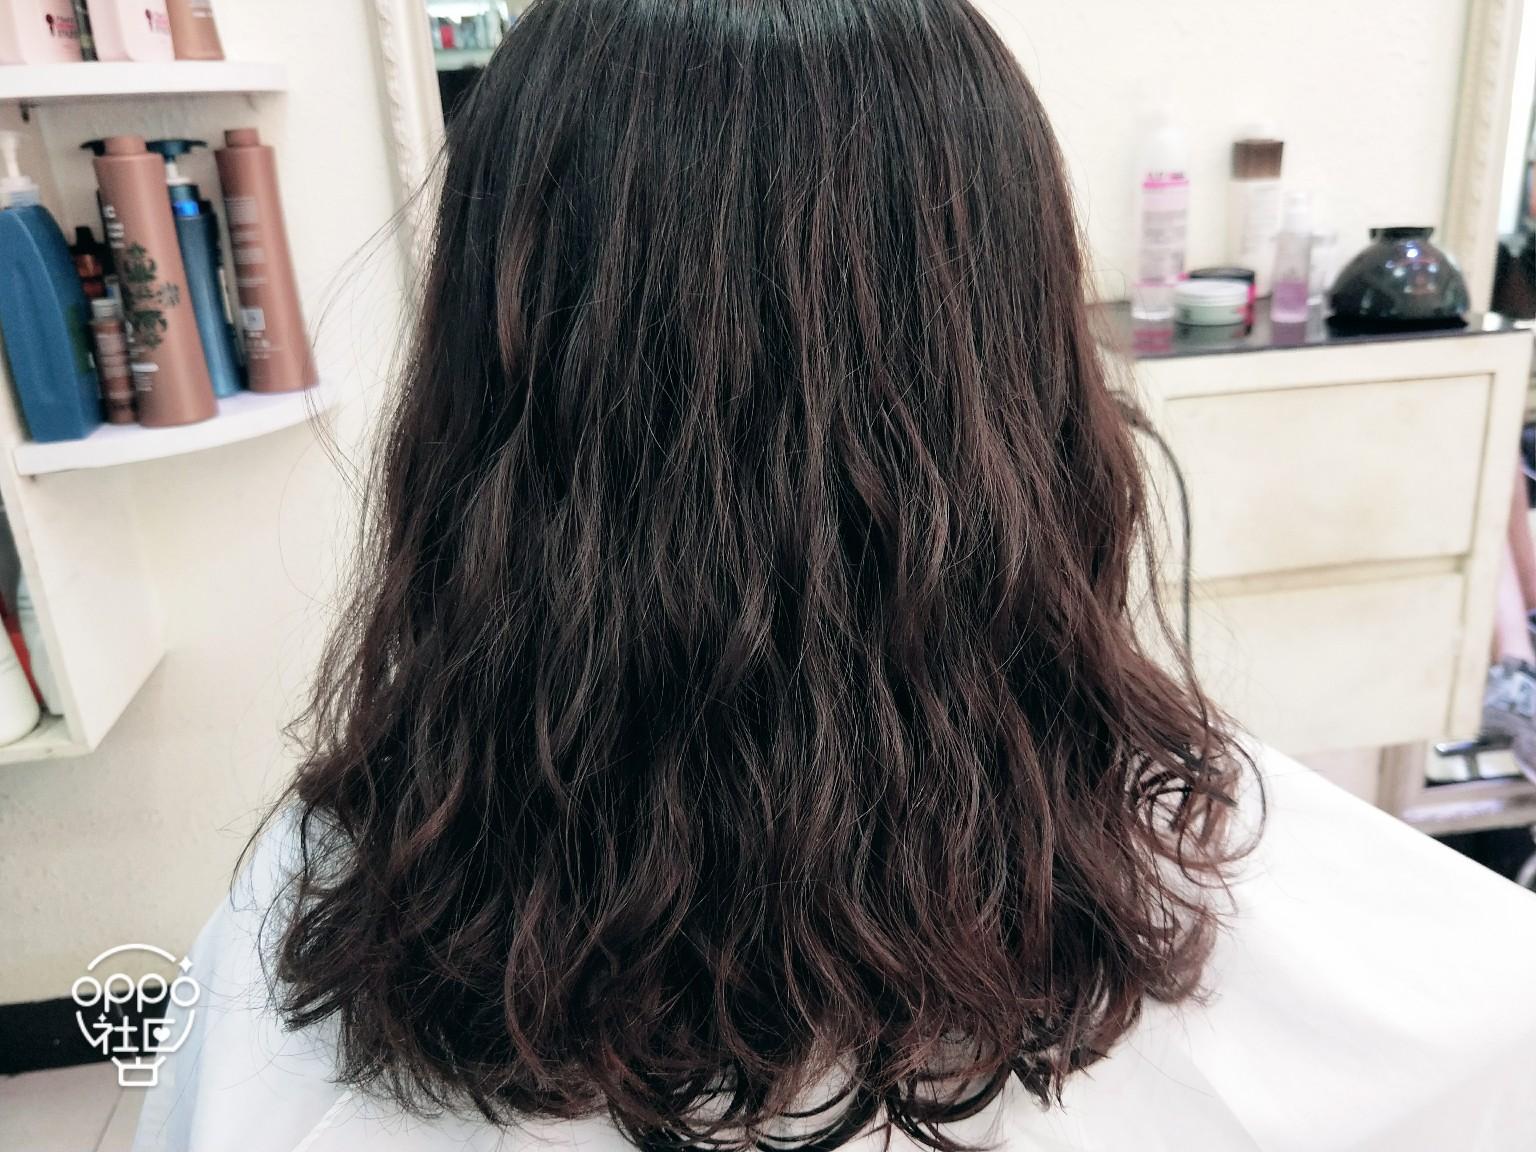 水波纹泡面卷发型图片展示图片